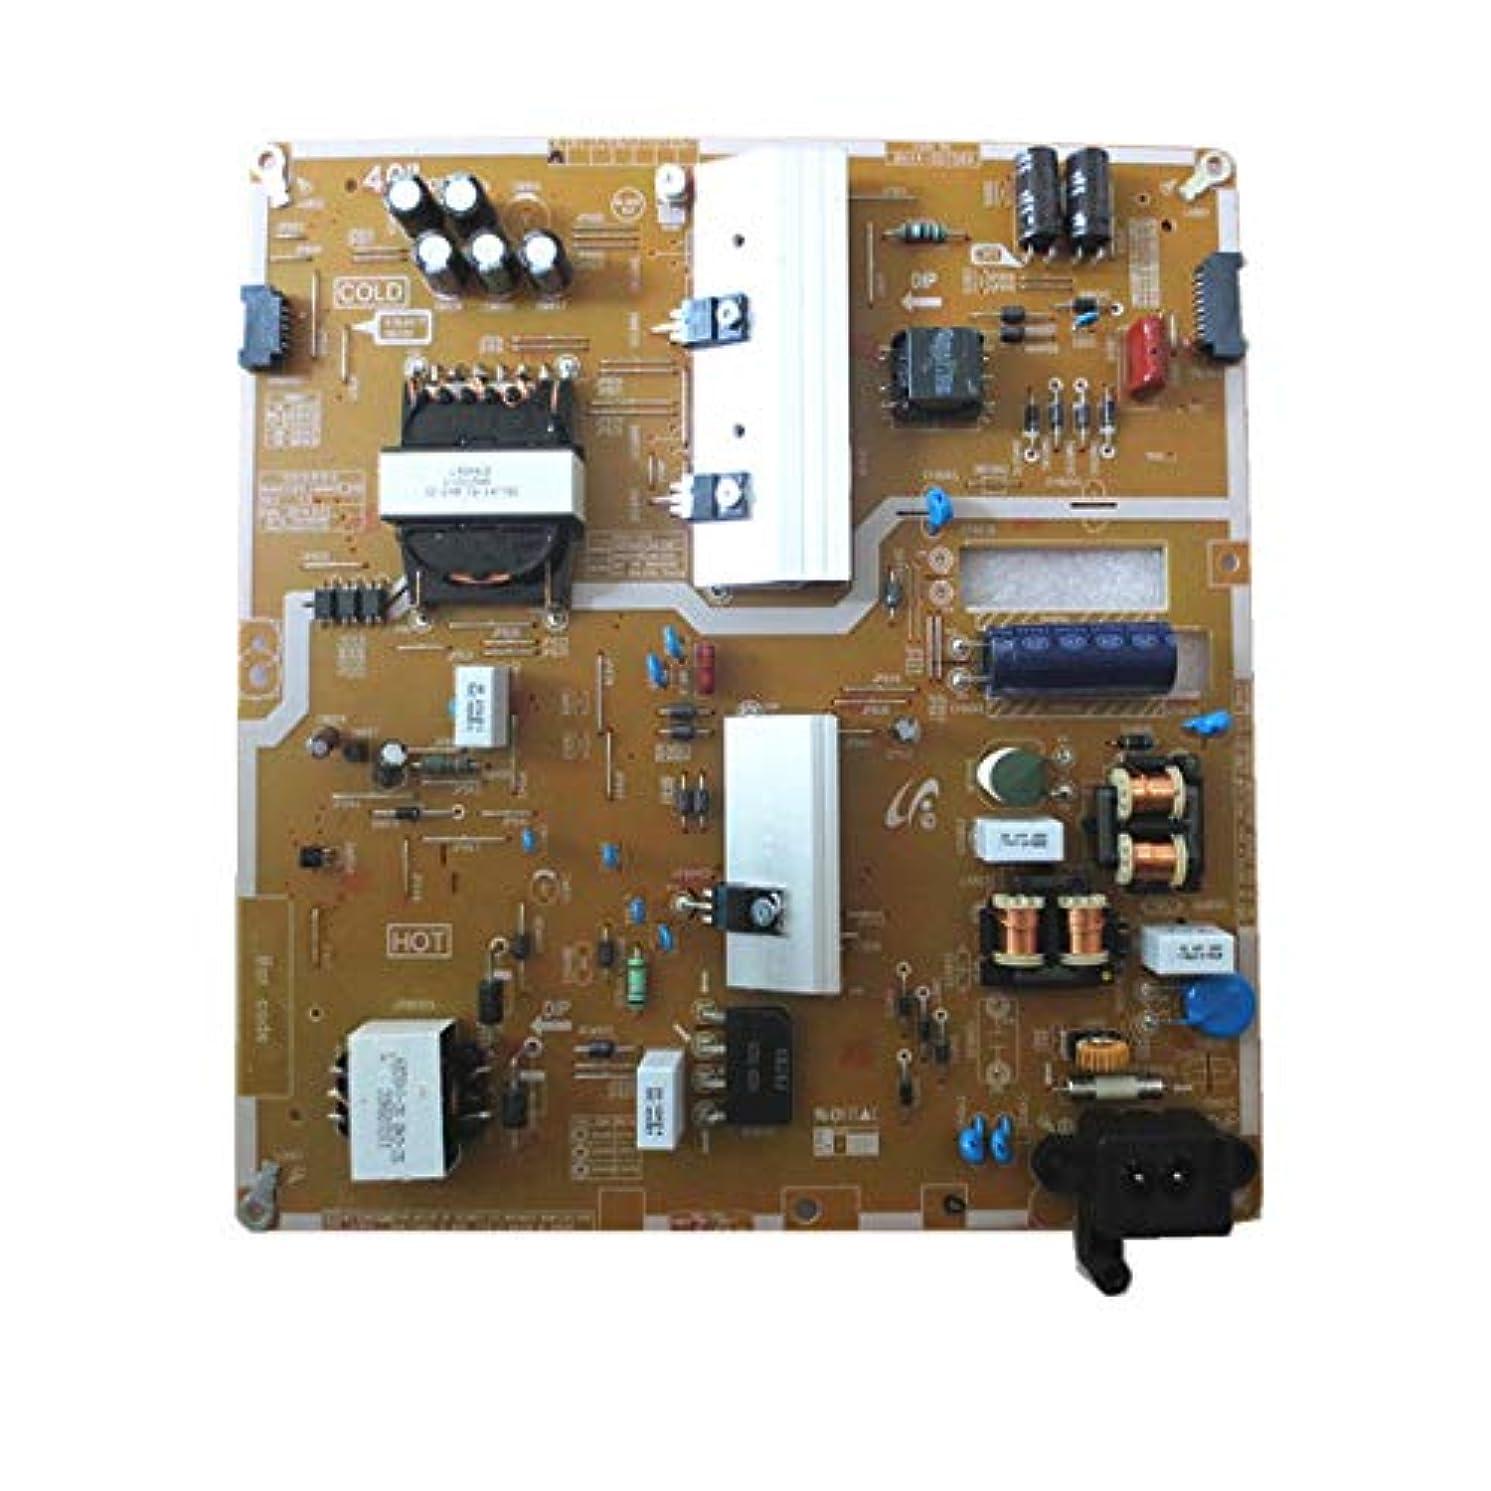 資金ちらつき兵器庫Kailyr 修理交換用 BN44-00758A L40N4CE-EHS 電源基板 for Samsung UA40HU5900J (電源基板)